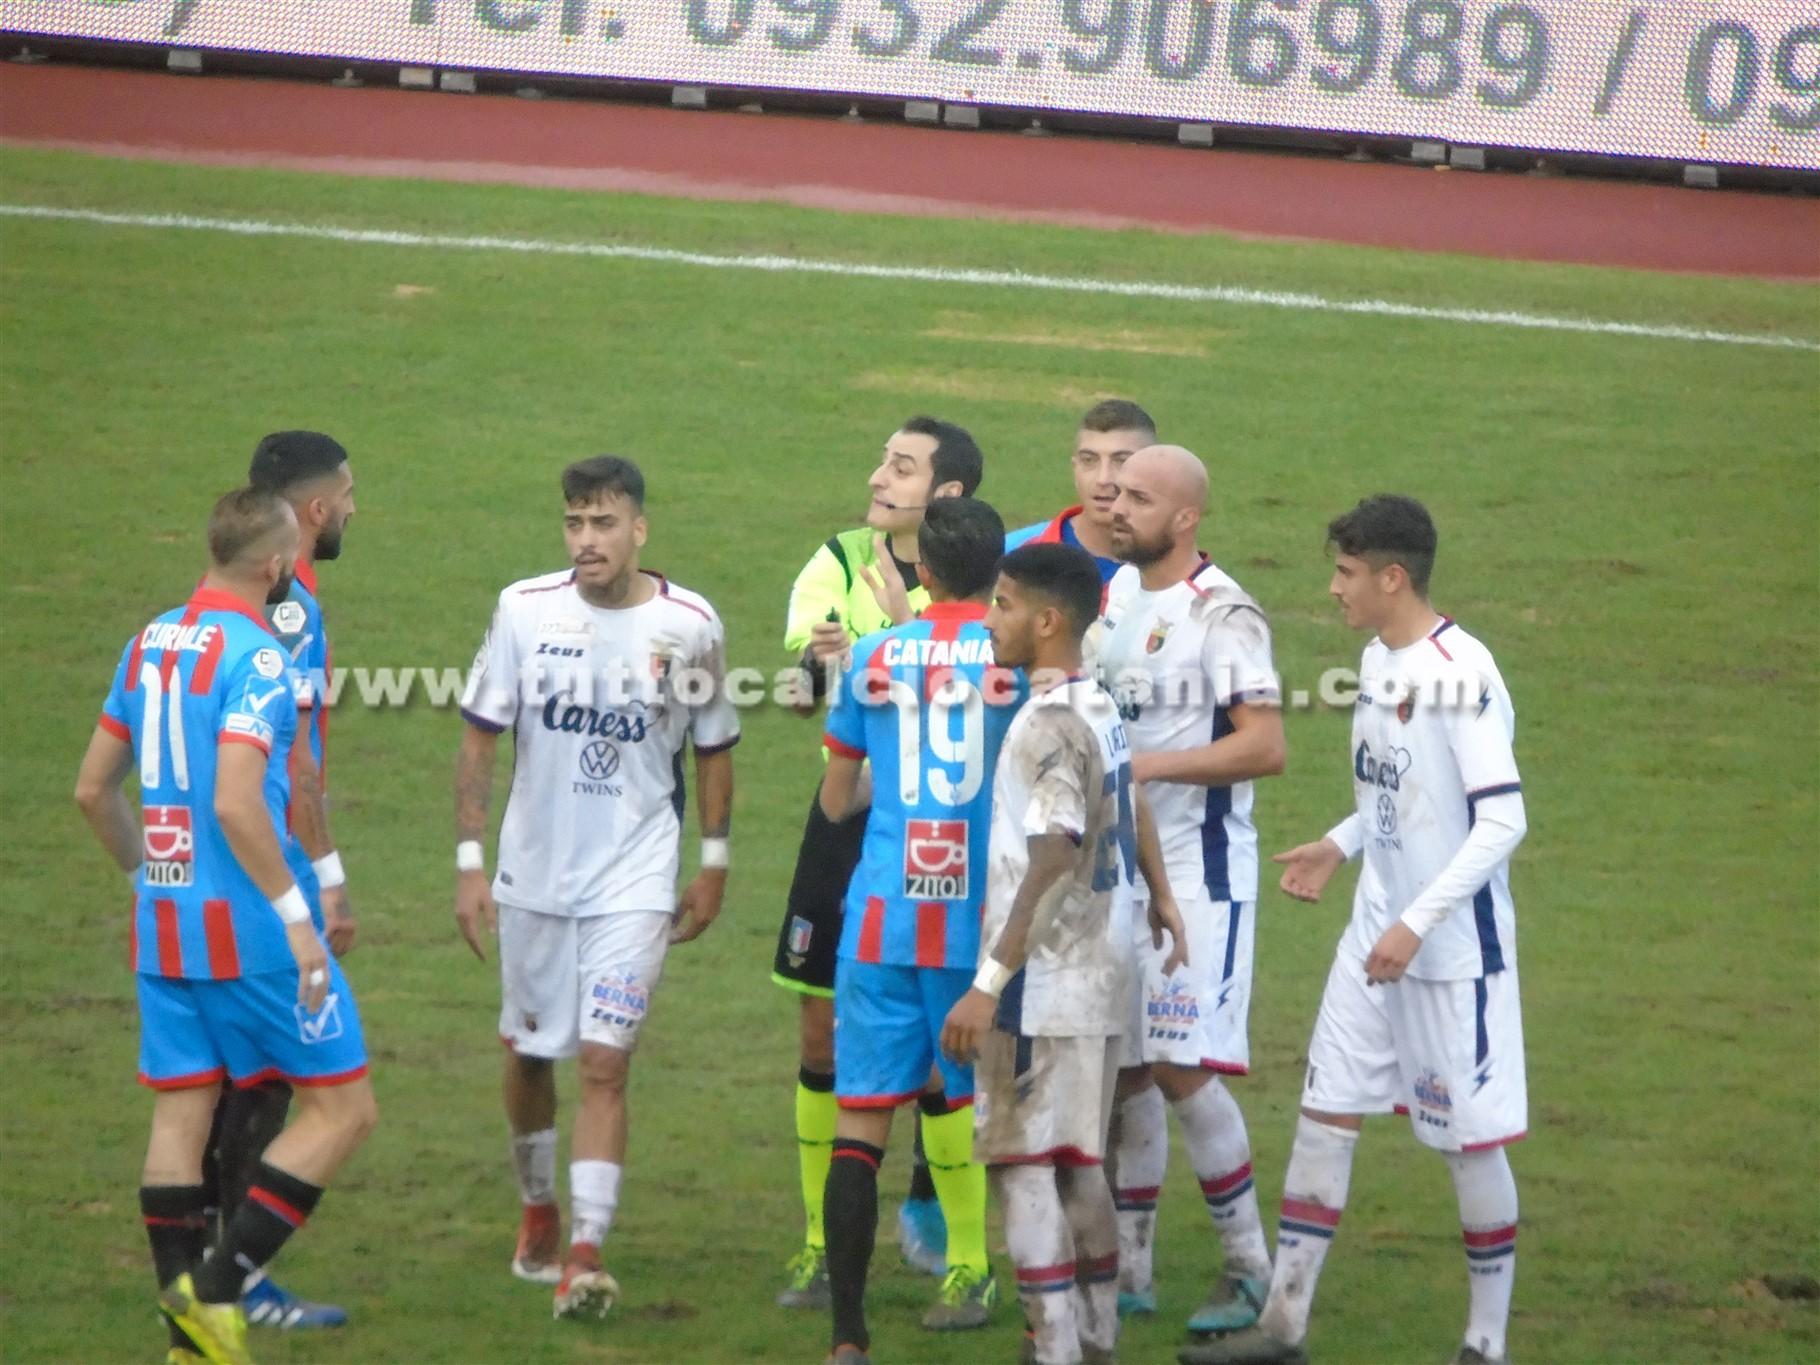 CATANIA - CASERTANA (Video): gli highlights della partita - Tutto Calcio  Catania